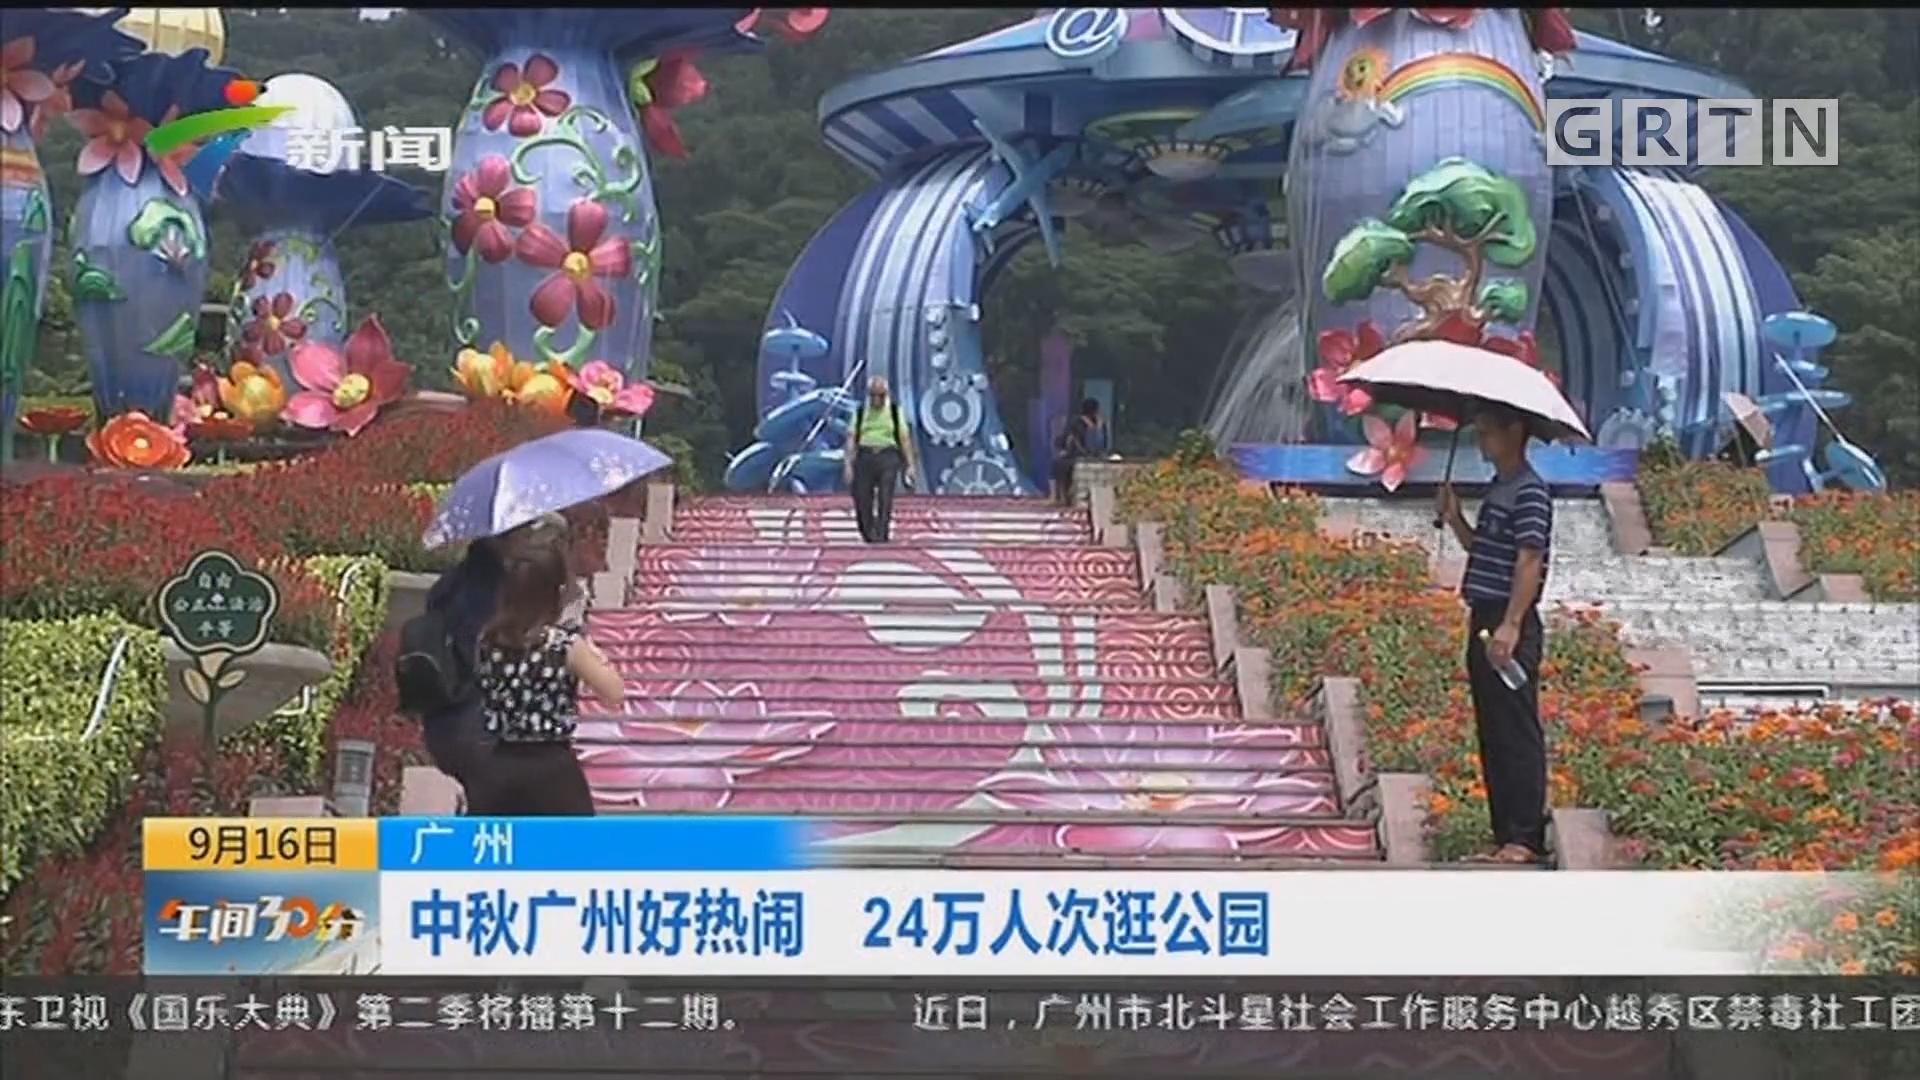 广州:中秋广州好热闹 24万人次逛公园